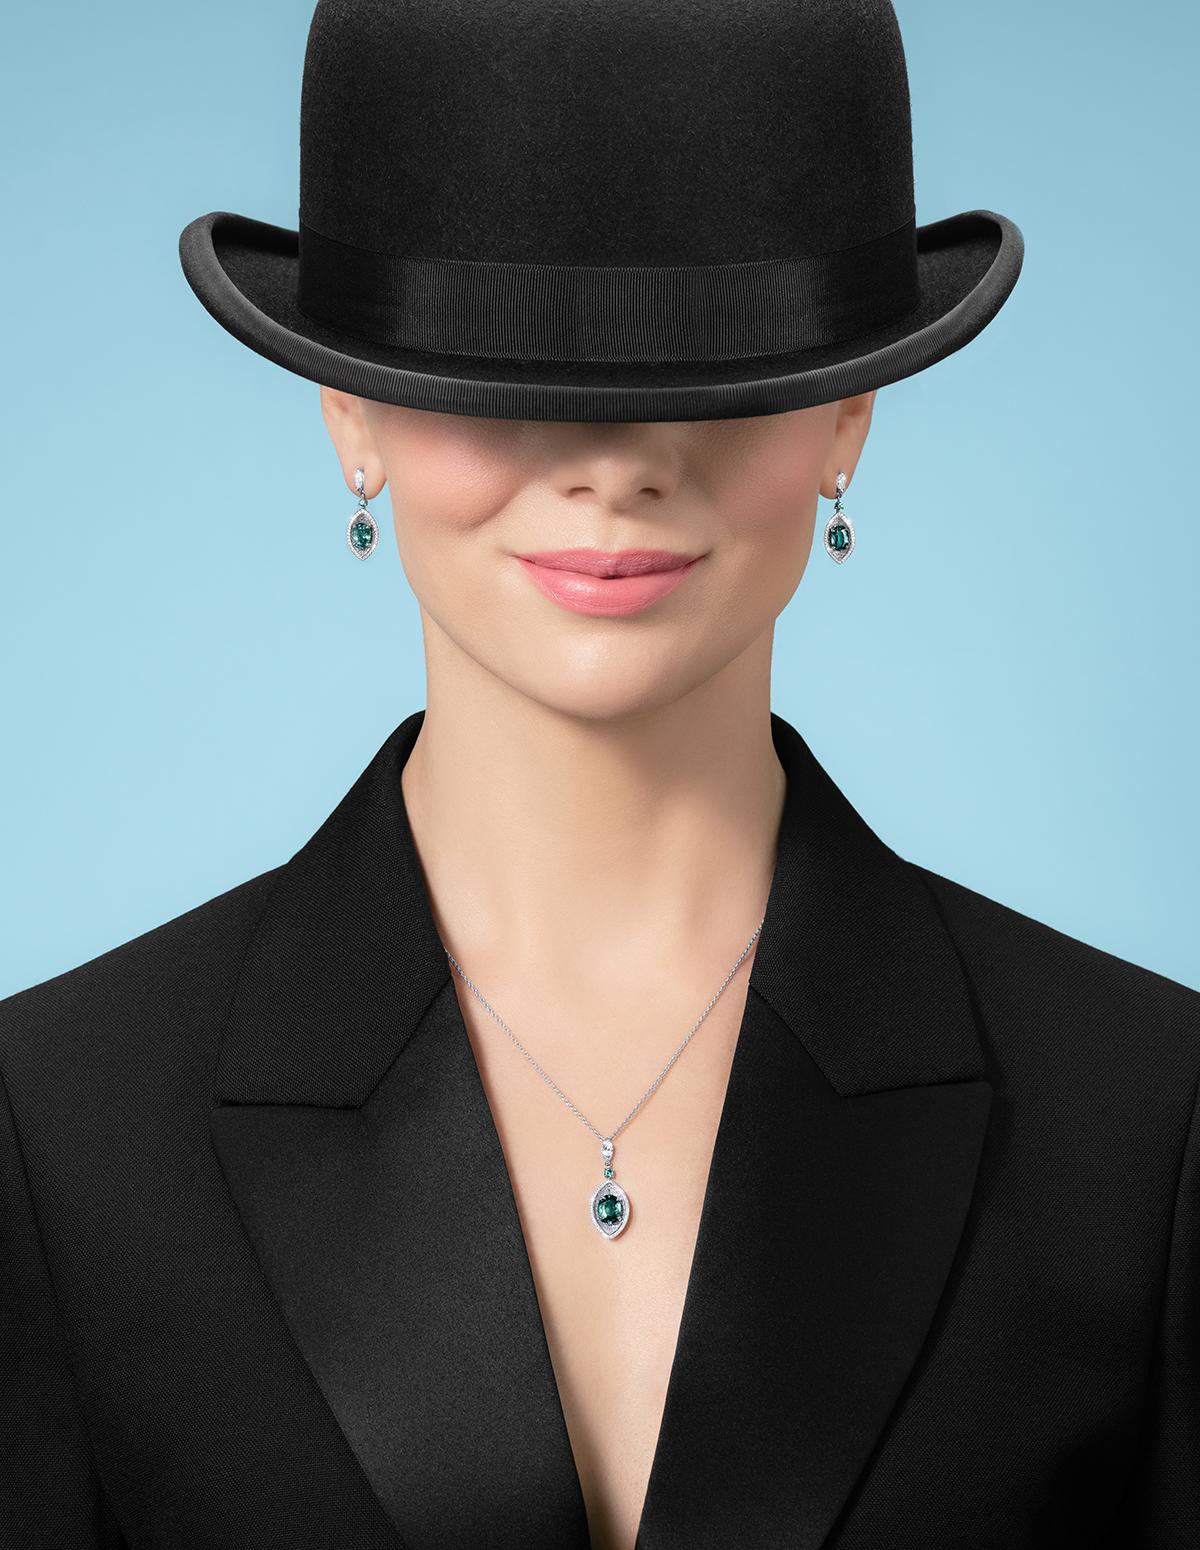 Woman wearing a bowling hat wearing jewellery